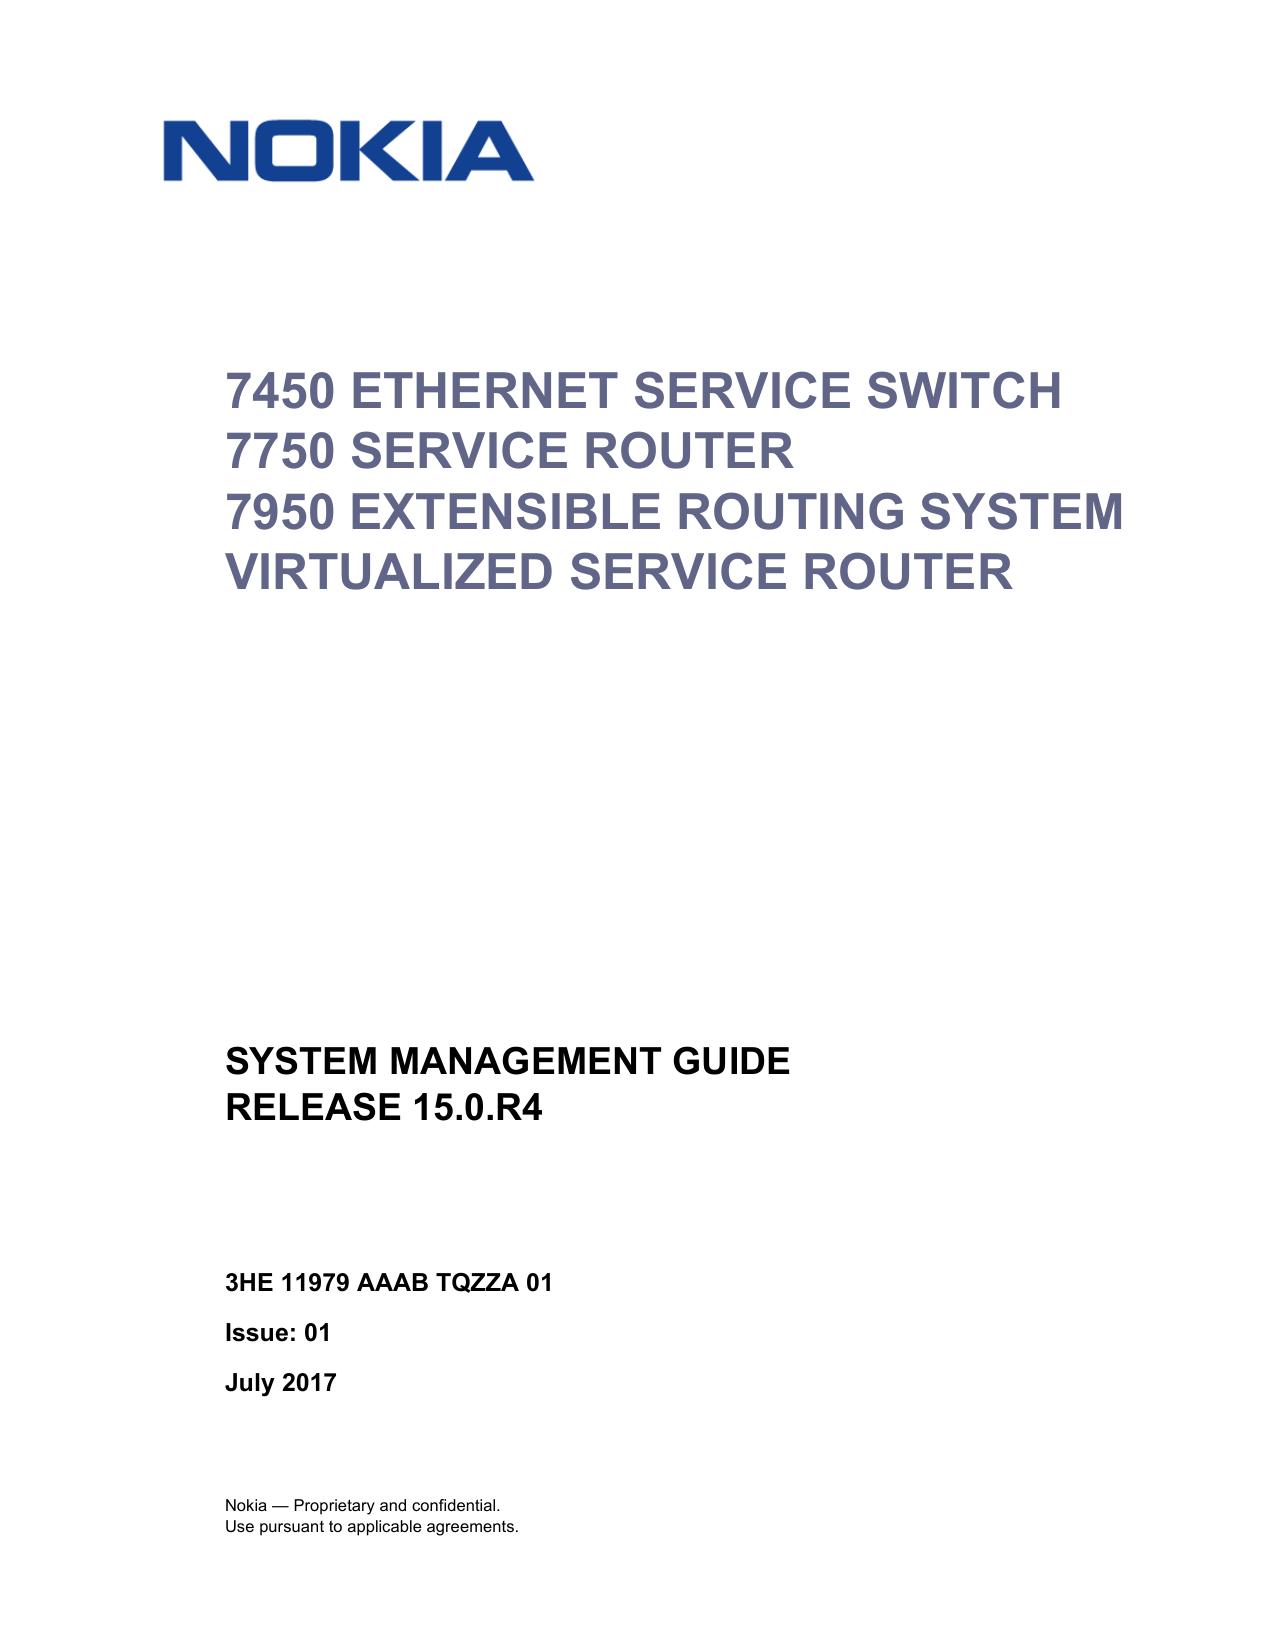 System Management Guide R15 0 R4 - Alcatel | manualzz com